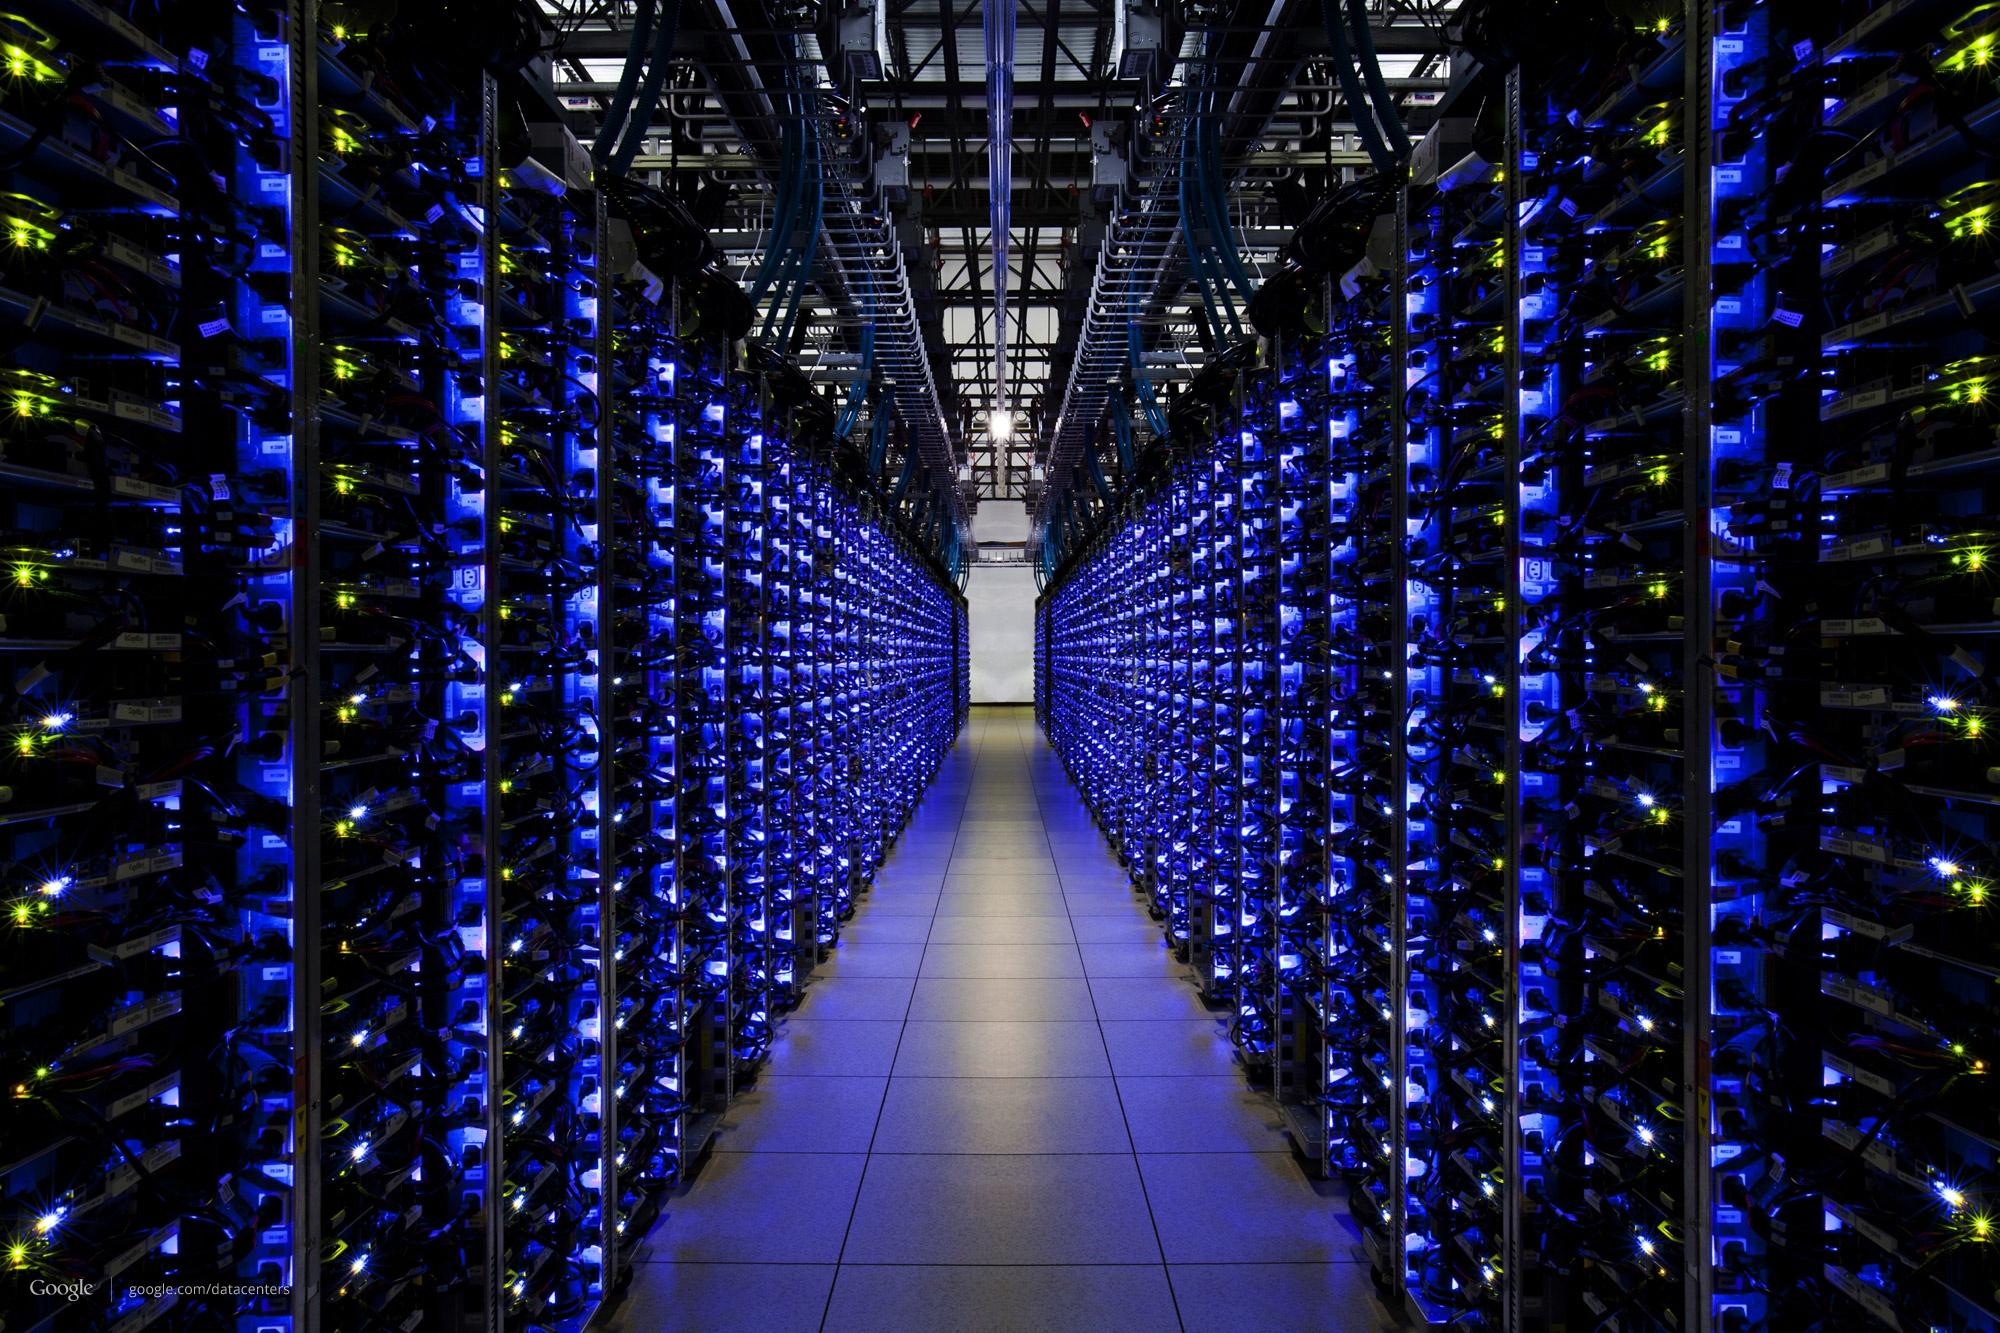 google-datacenter-tech-13.jpg